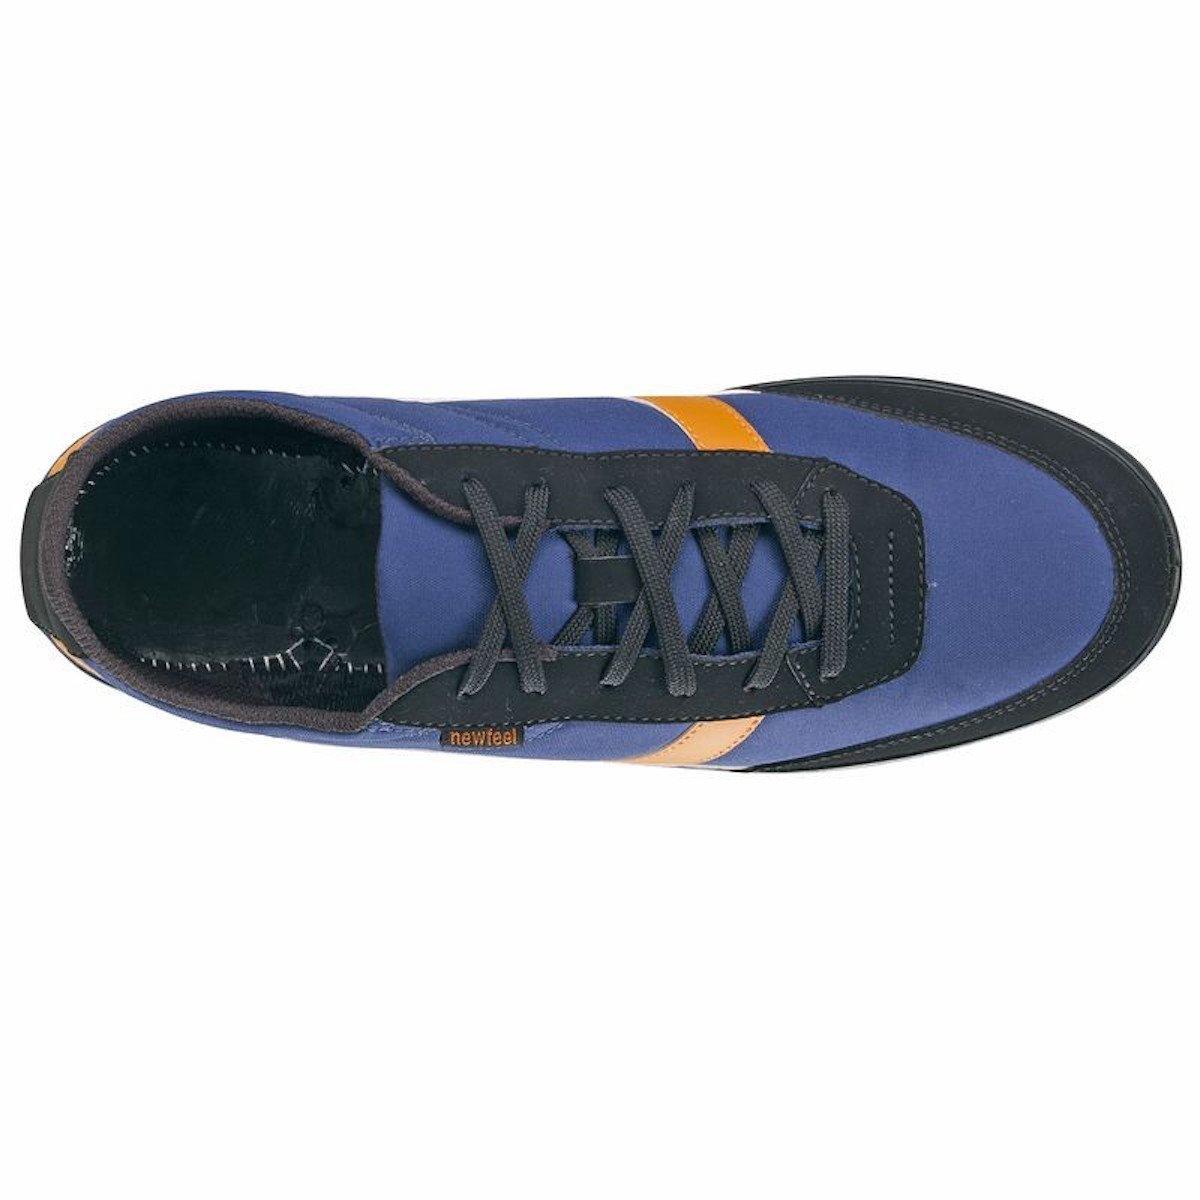 NEWFEEL - Zapatillas de Lona para niño Azul Blau-Orange-Schwarz/Blue-Orange-Black: Amazon.es: Zapatos y complementos